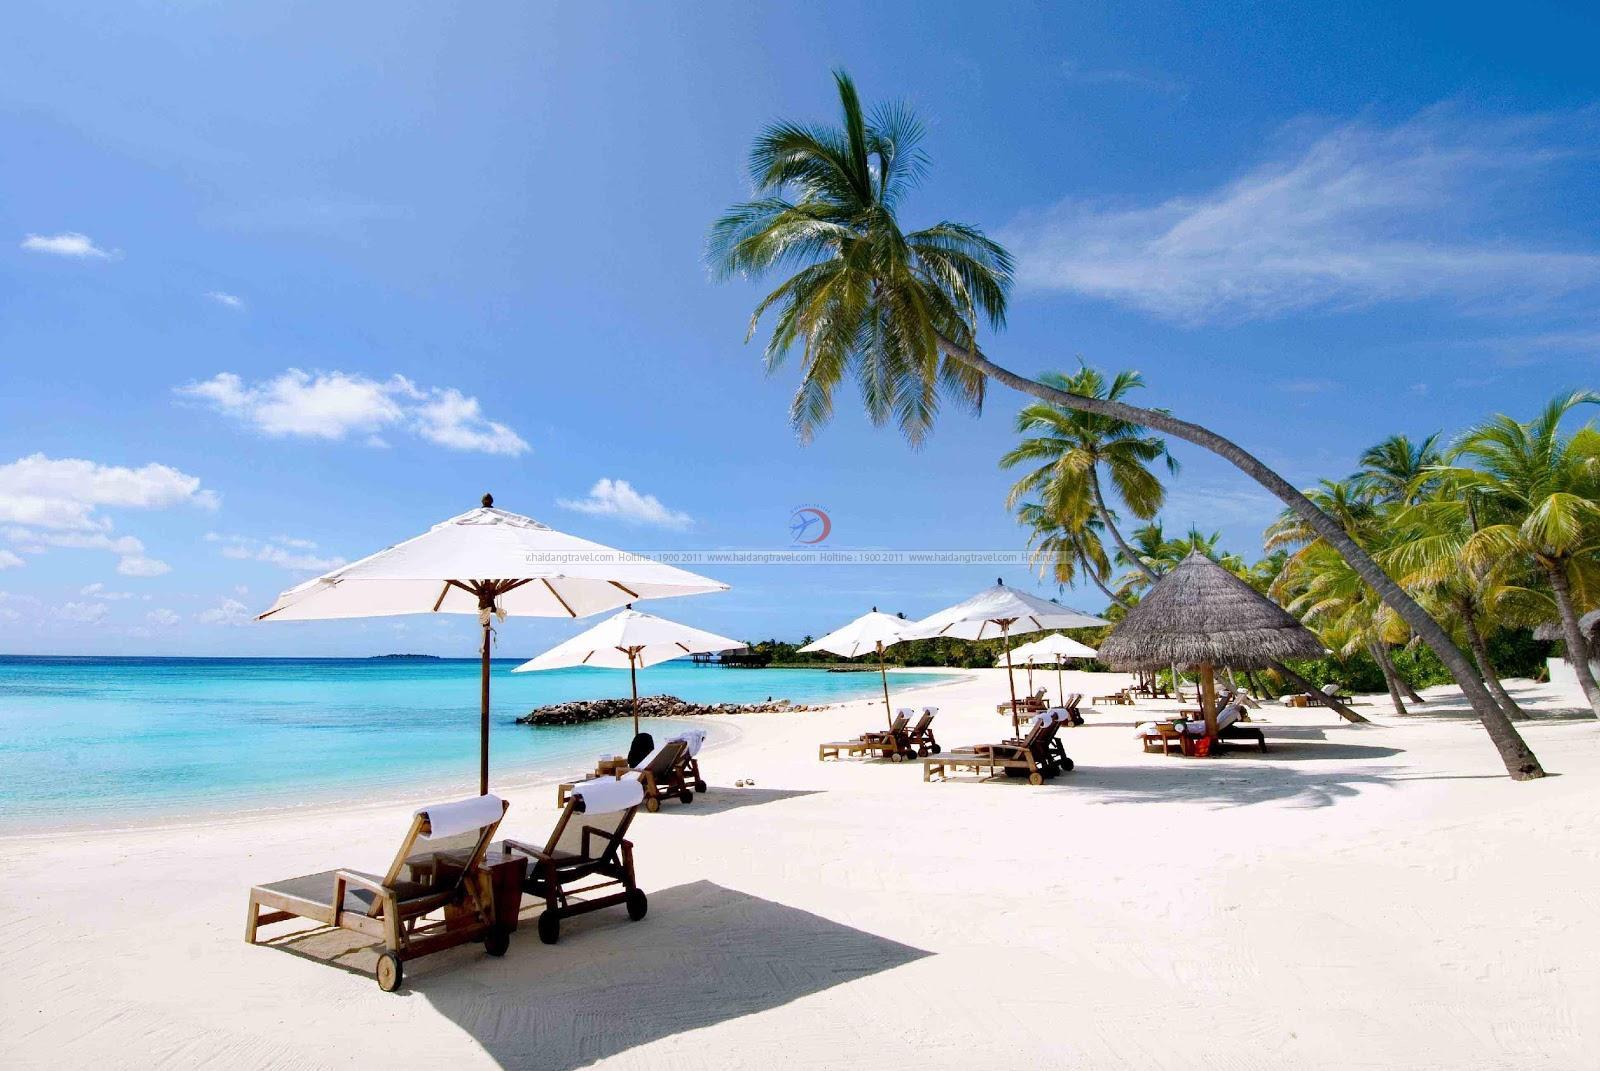 Làm thế nào để chọn được tour du lịch Nha Trang giá rẻ?